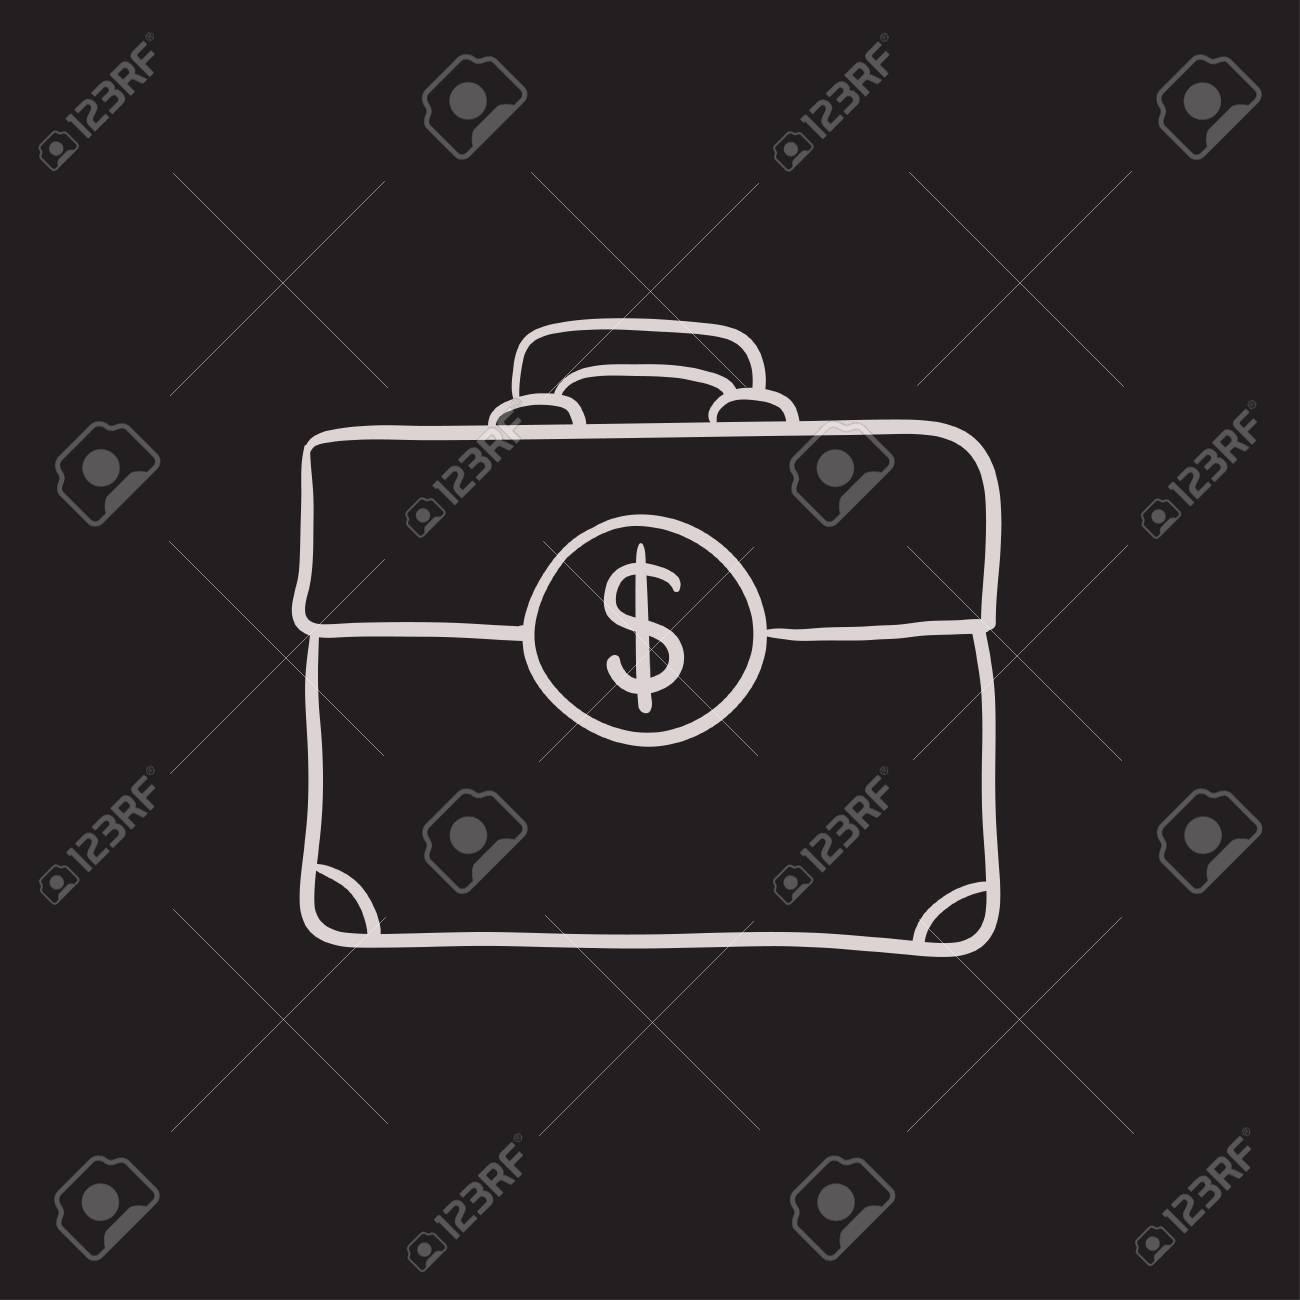 Mala Com O Icone De Desenho De Vetor De Simbolo De Dolar Isolado